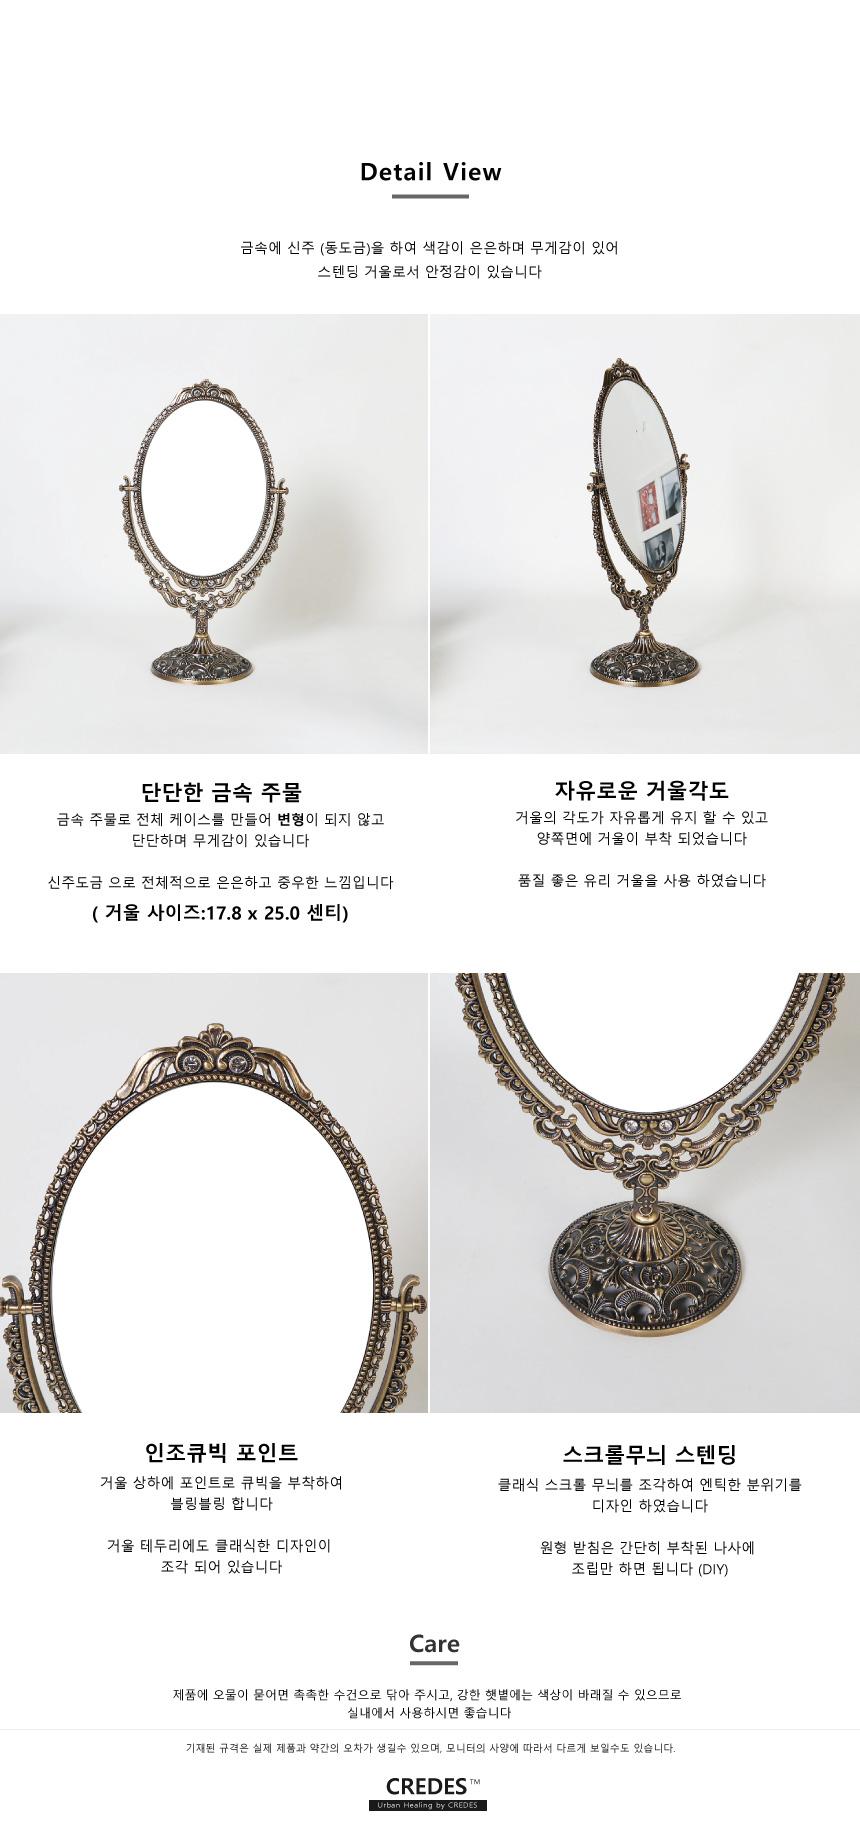 엔틱메탈 스텐딩 큐빅 화장거울 라지-신주 - 크레디스, 42,000원, 거울, 탁상거울